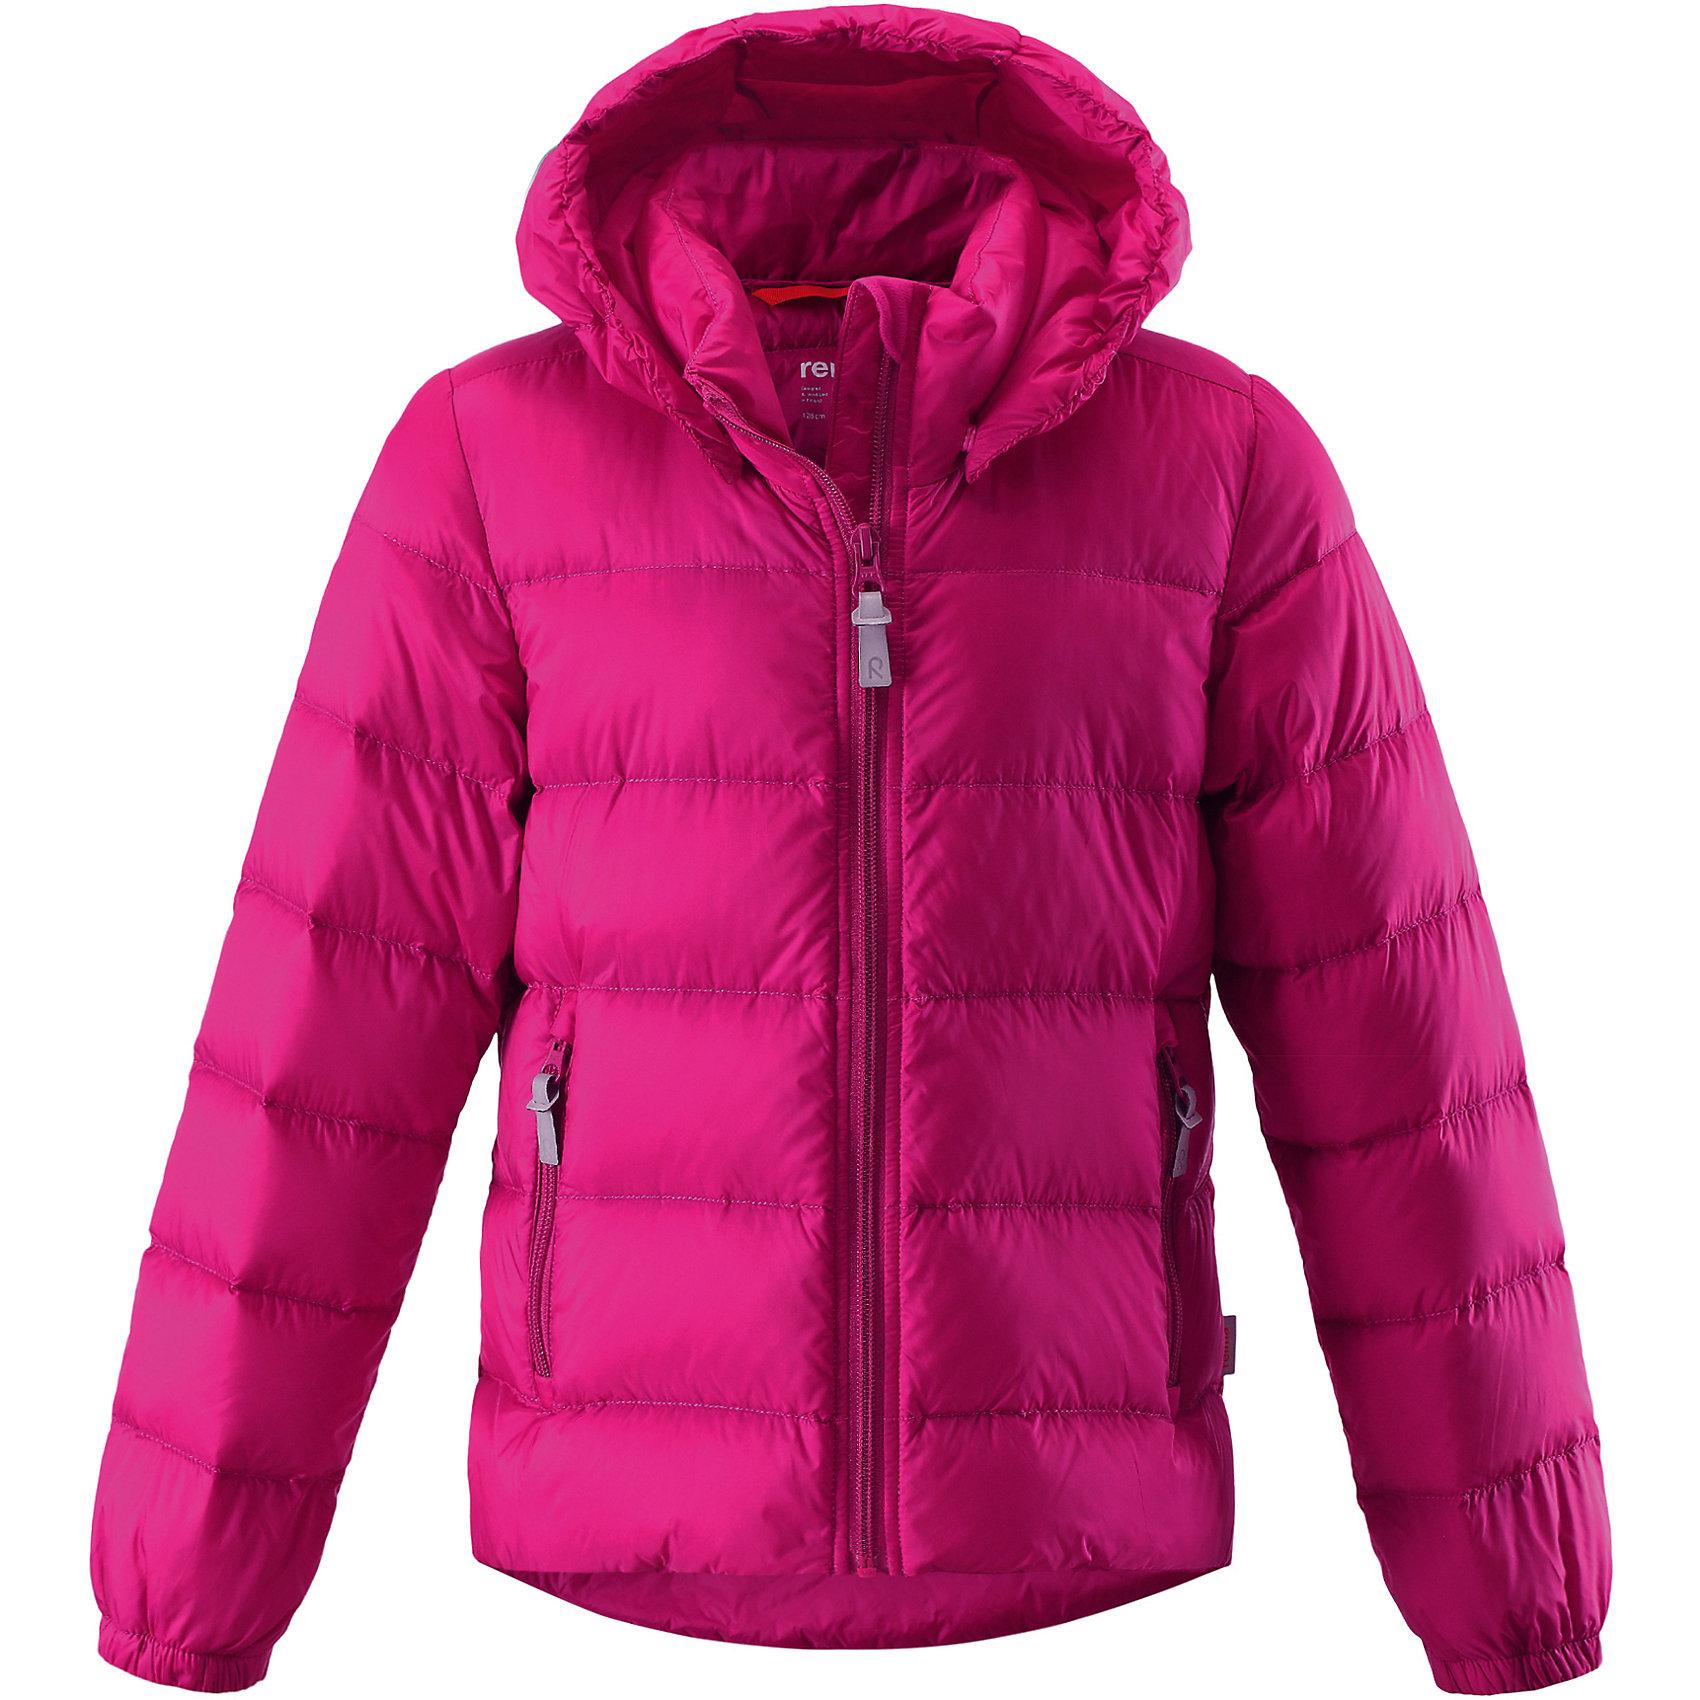 Куртка Medow для девочки ReimaКуртка Medow для девочки от финского бренда Reima.<br>Состав:<br>100% Полиамид, полиуретановое покрытие<br>Утеплитель:<br>80% утиный пух, 20% утиное перо<br><br>Ширина мм: 356<br>Глубина мм: 10<br>Высота мм: 245<br>Вес г: 519<br>Цвет: розовый<br>Возраст от месяцев: 156<br>Возраст до месяцев: 168<br>Пол: Женский<br>Возраст: Детский<br>Размер: 164,140,128,122,152<br>SKU: 5215907